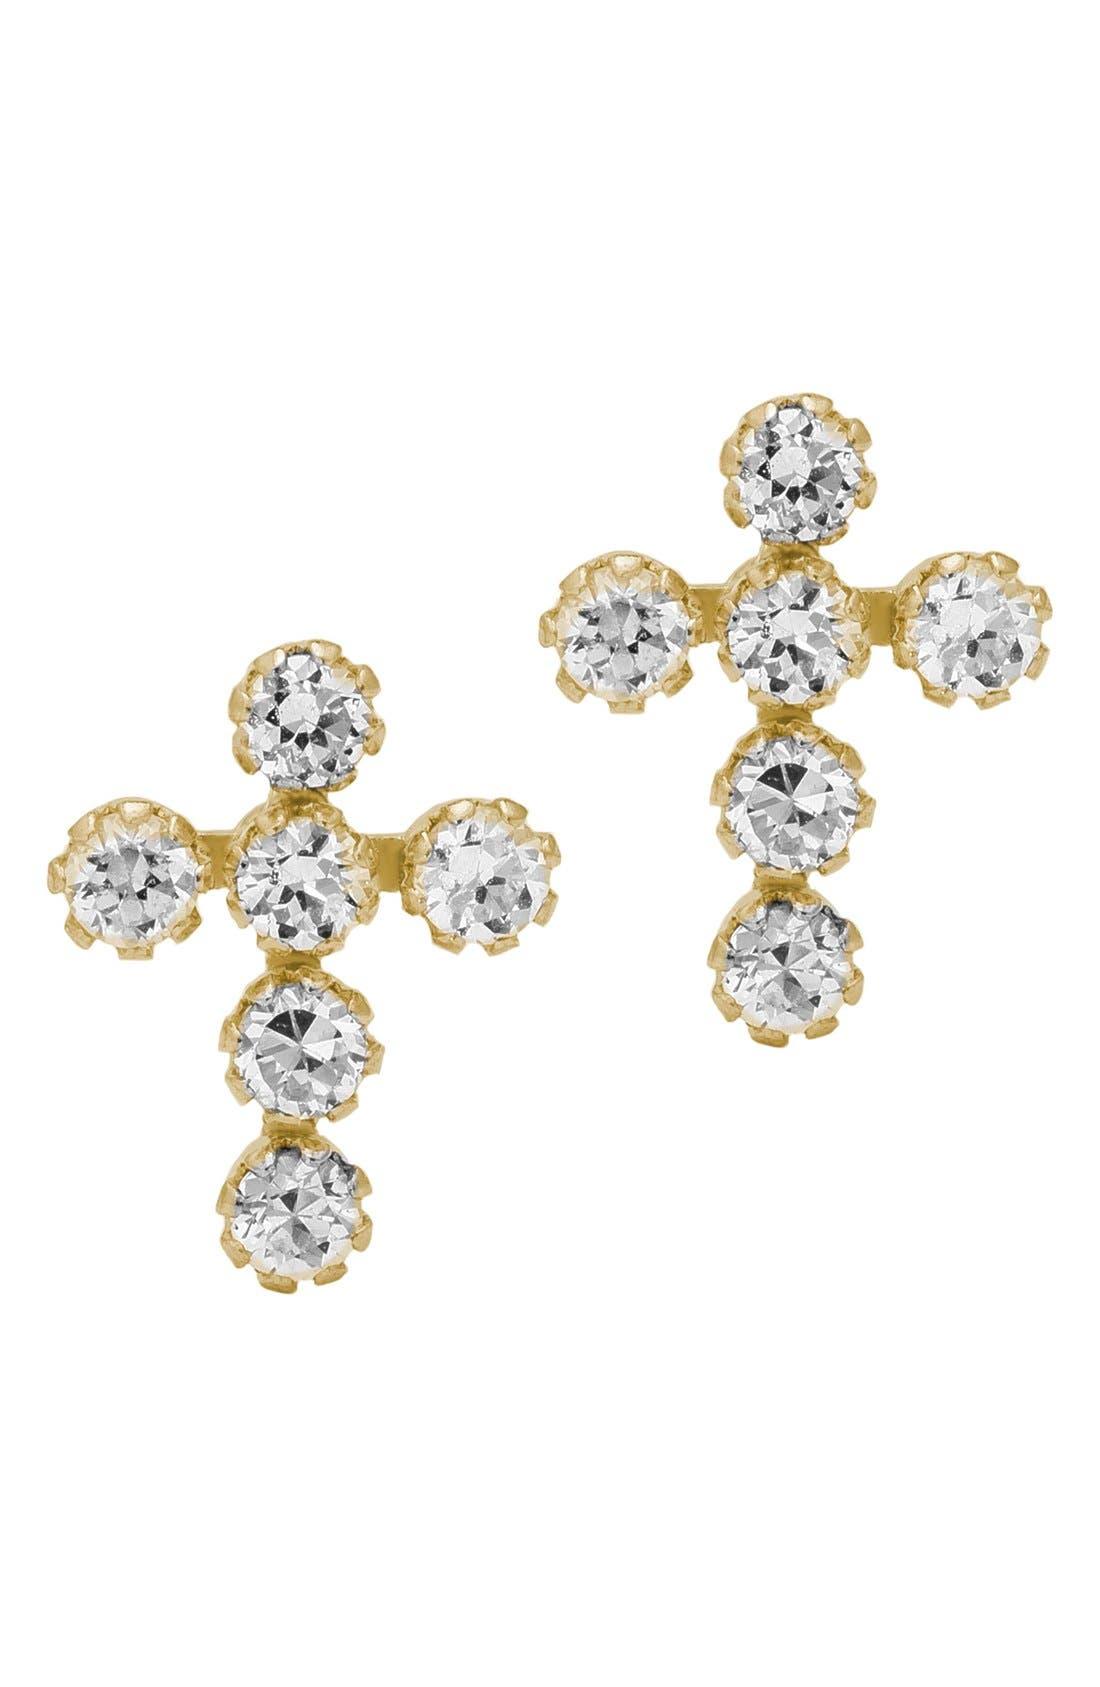 MIGNONETTE 14k Gold & Cubic Zirconia Cross Earrings